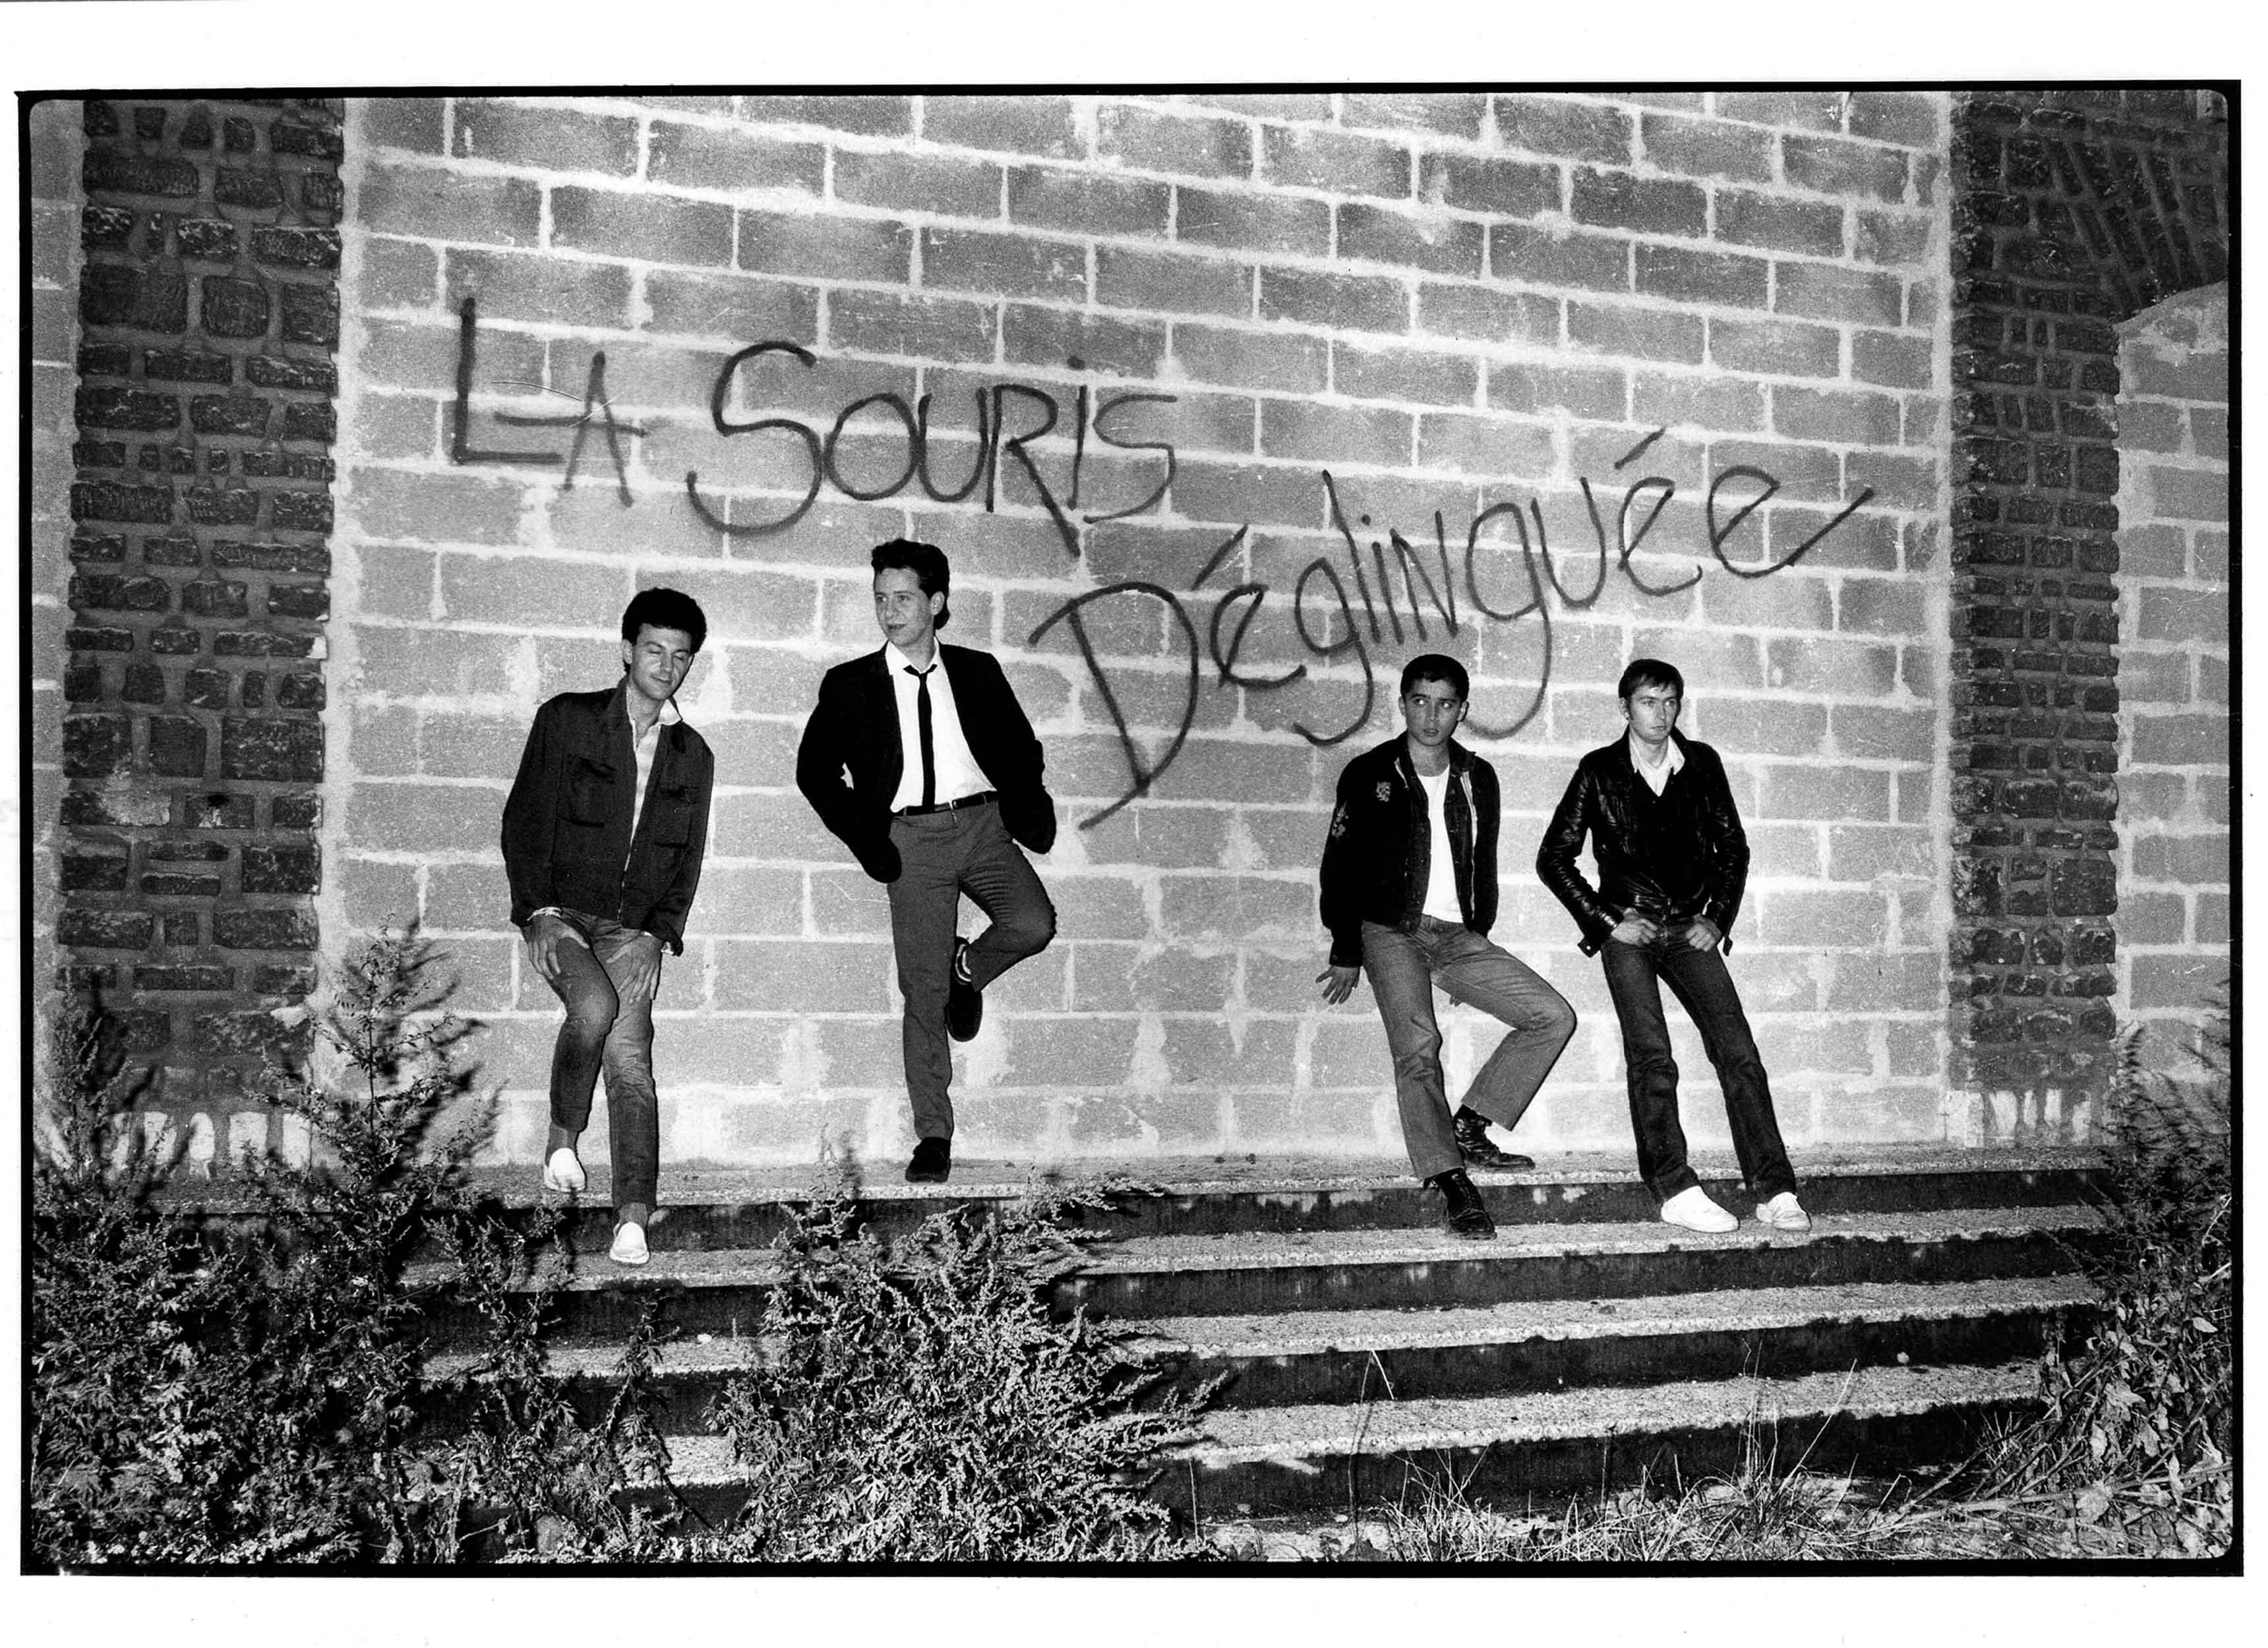 La souris déglinguée, 1981 ©Olivier Claisse